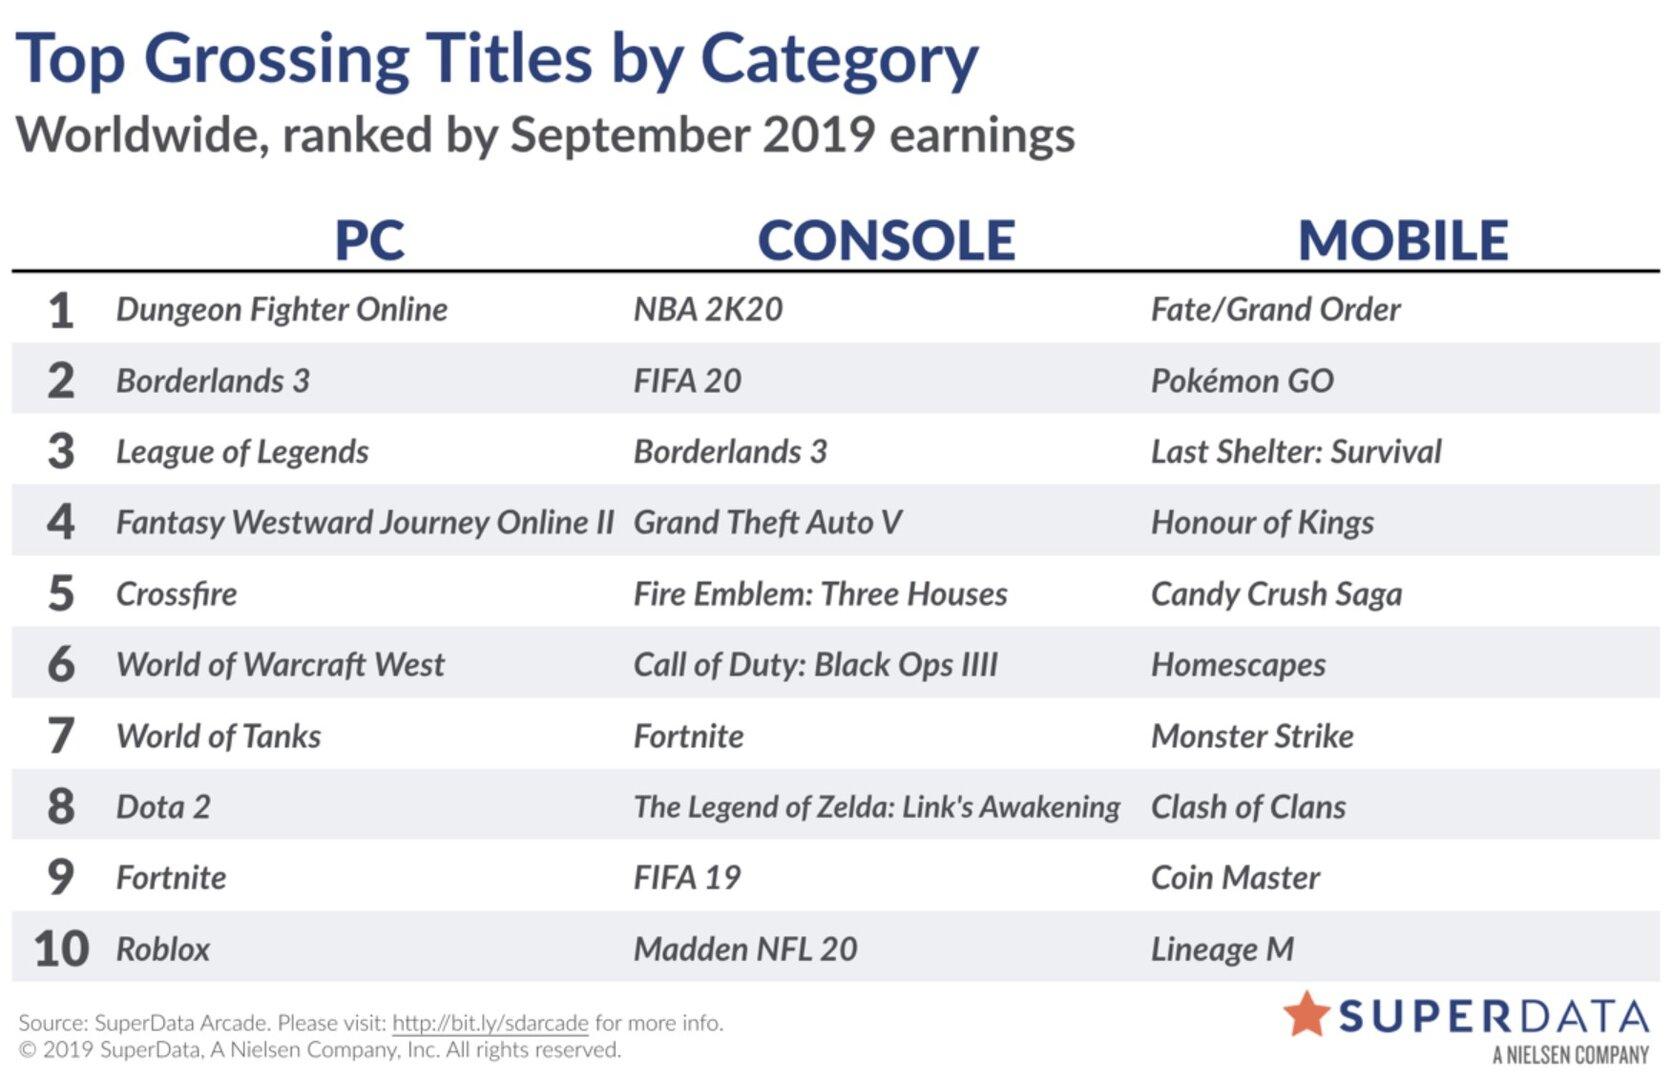 Liste der digital umsatzstärksten Videospiele im September 2019